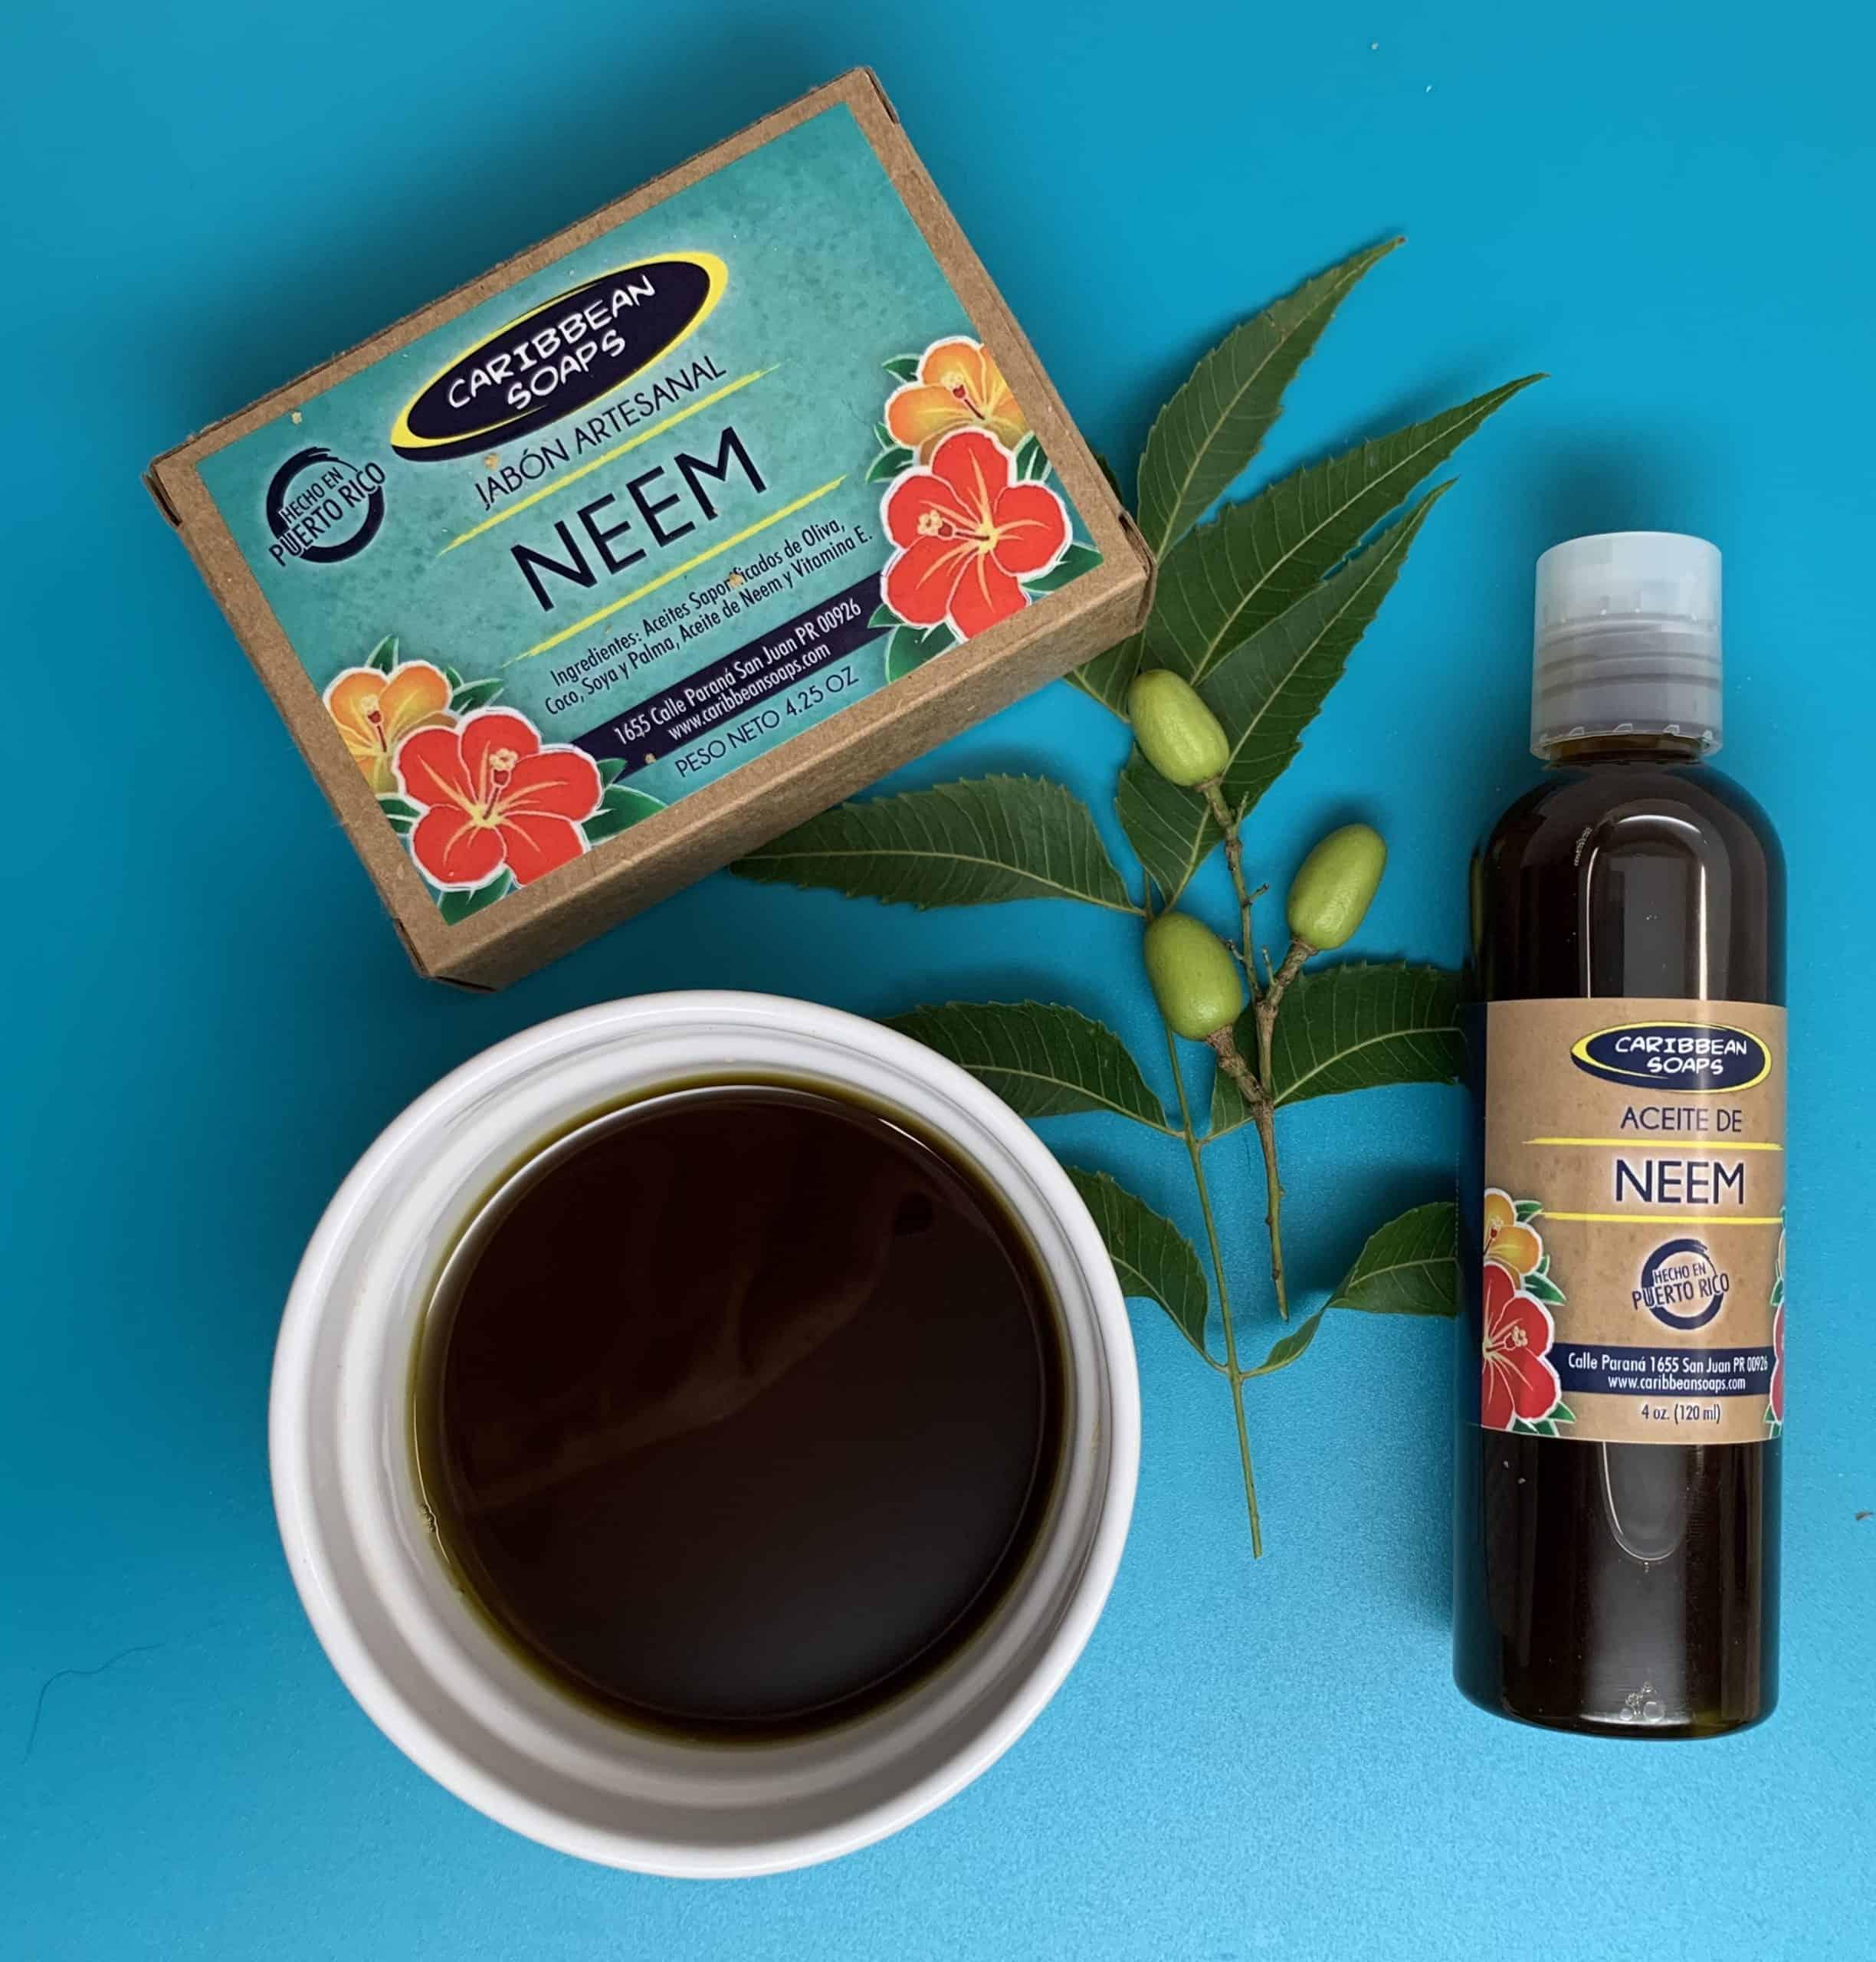 jabon artesanal y aceite de neem hecho en puerto rico por caribbean soaps